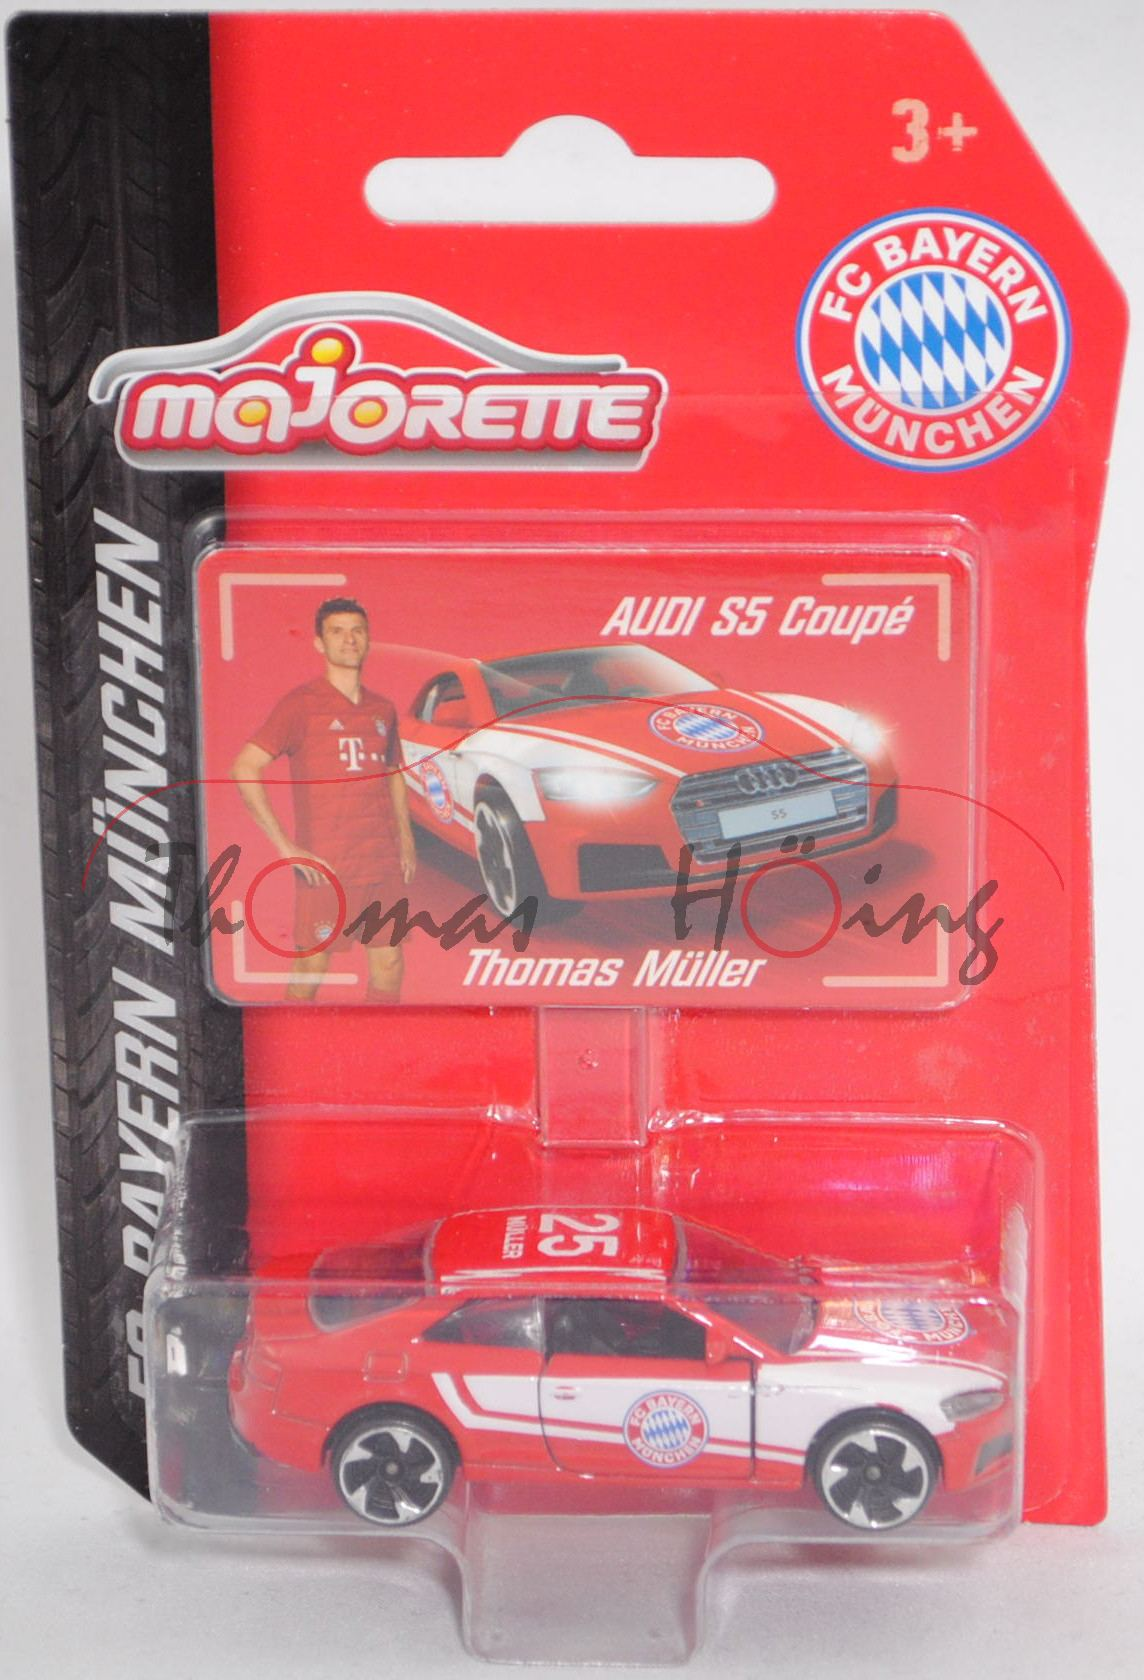 FC BAYERN MUNICH//25//Müller 1:64 MAJORETTE 212053059 Audi s5 Coupé